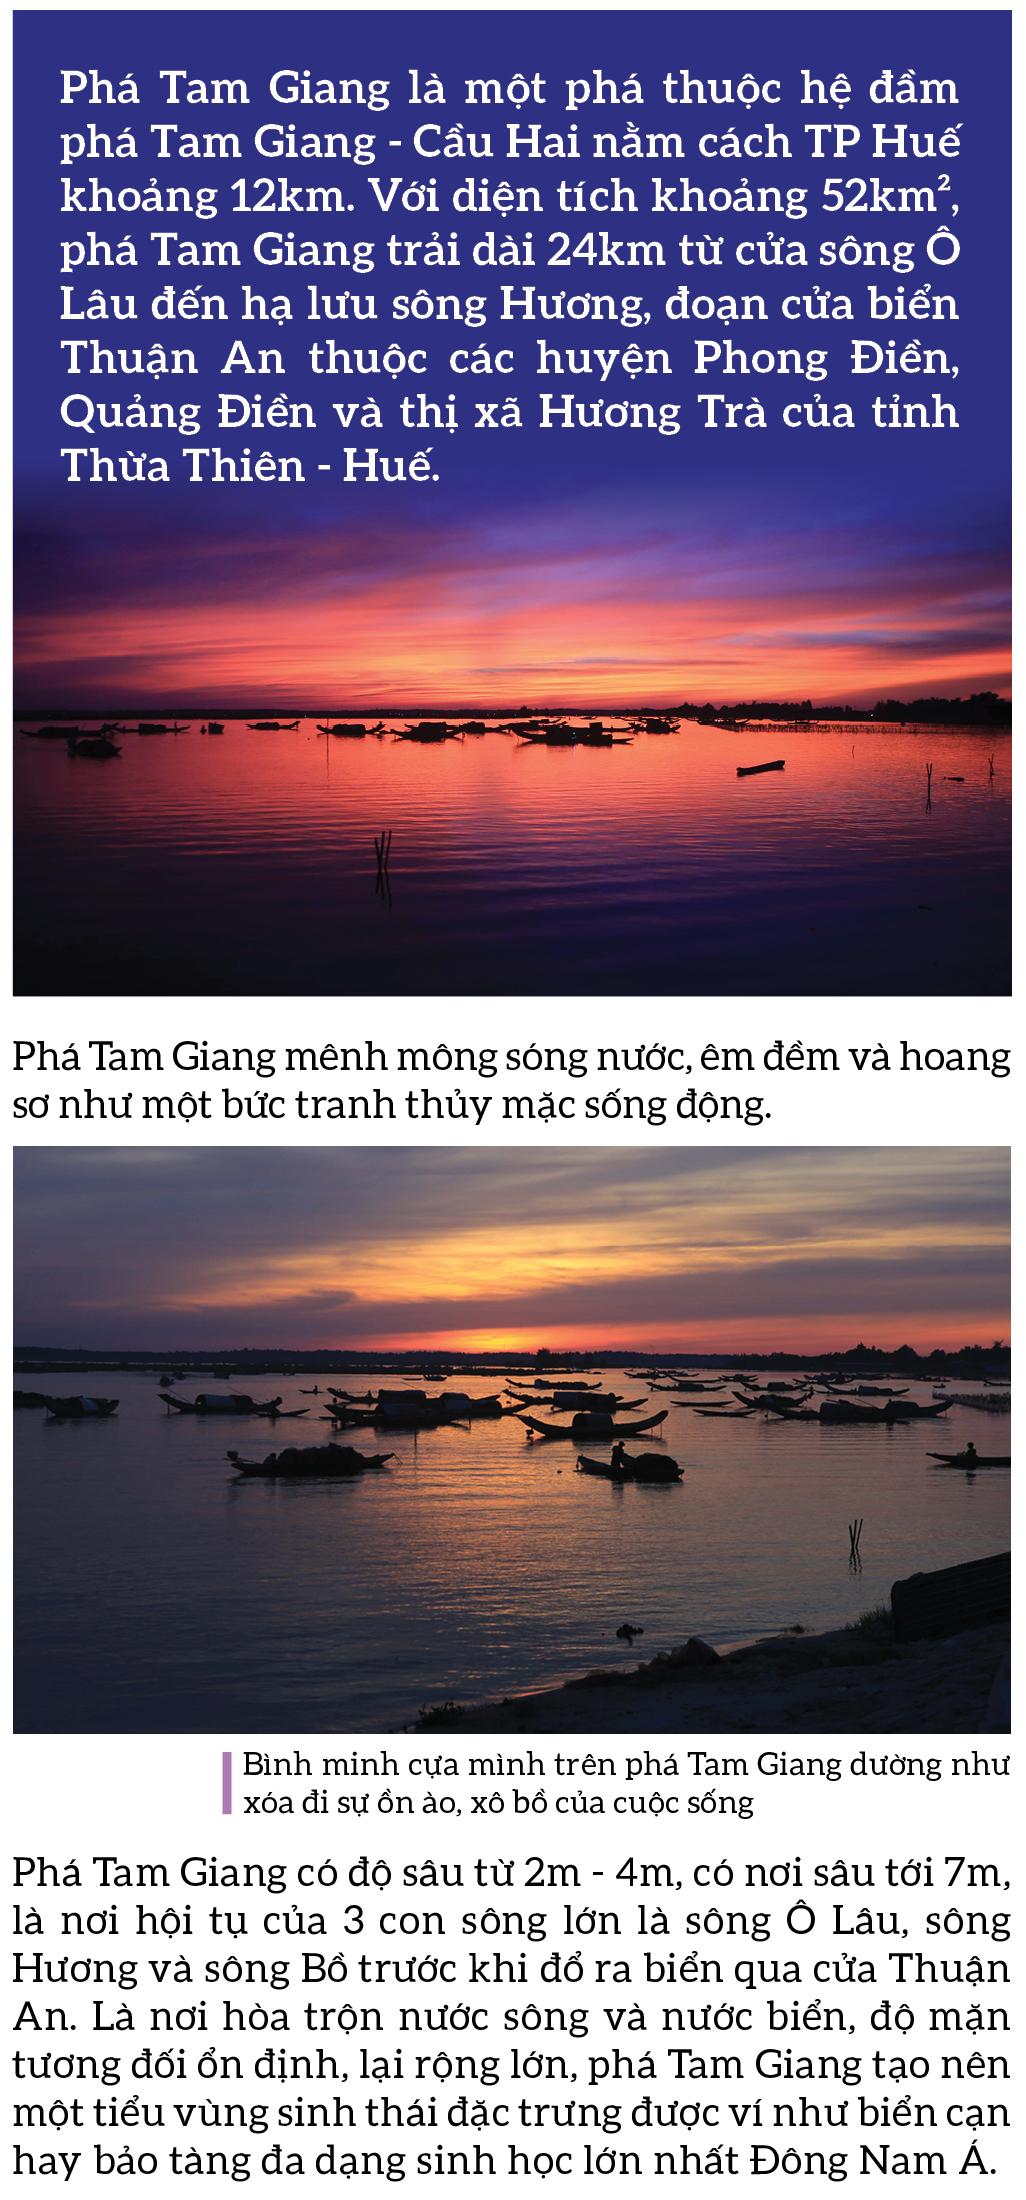 Bình yên sông nước phá Tam Giang ảnh 1